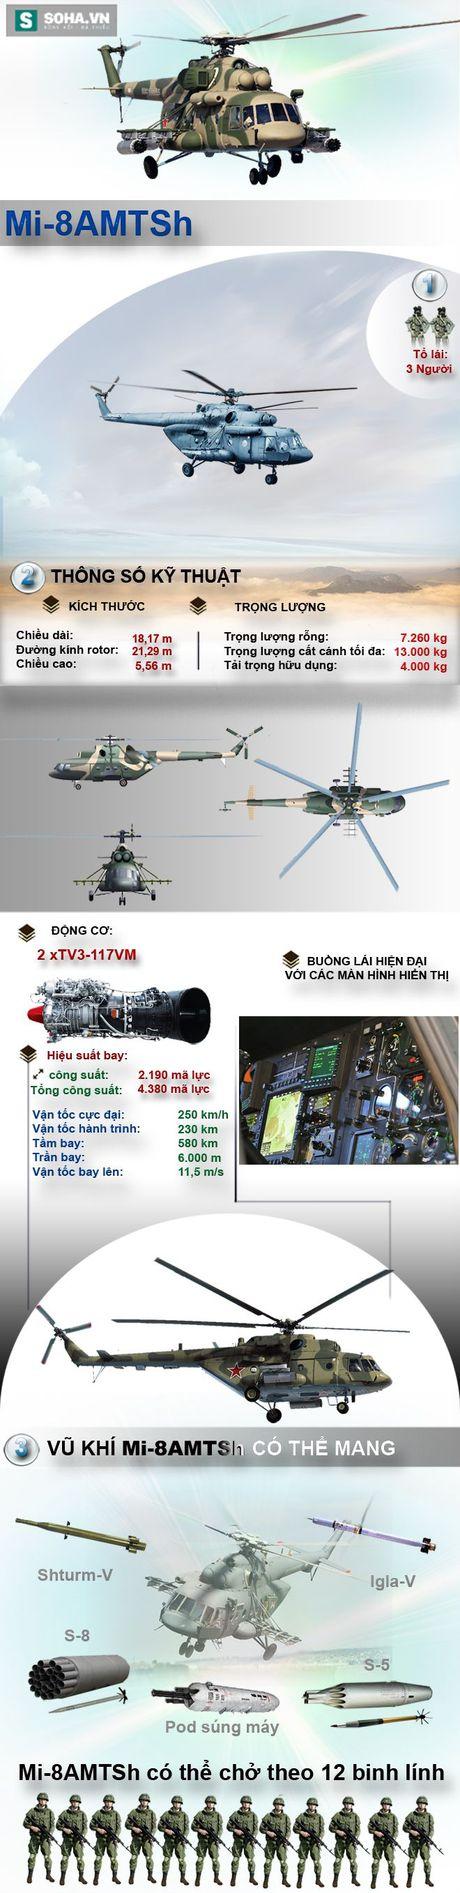 Phien ban vu trang hang nang cua truc thang Mi-8 co gi dac biet? - Anh 3